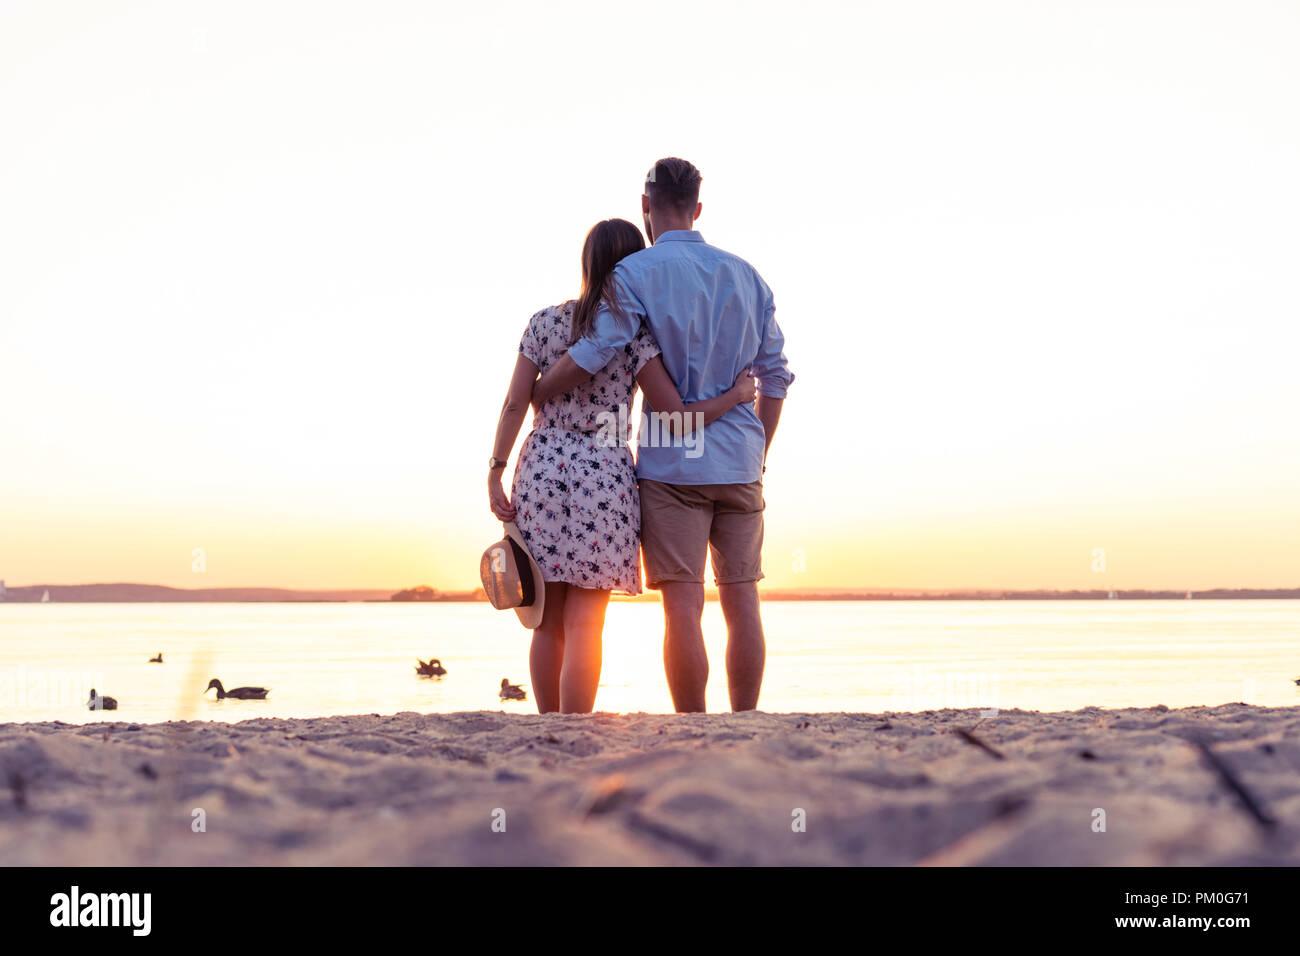 Pareja caminando por la playa al atardecer Imagen De Stock